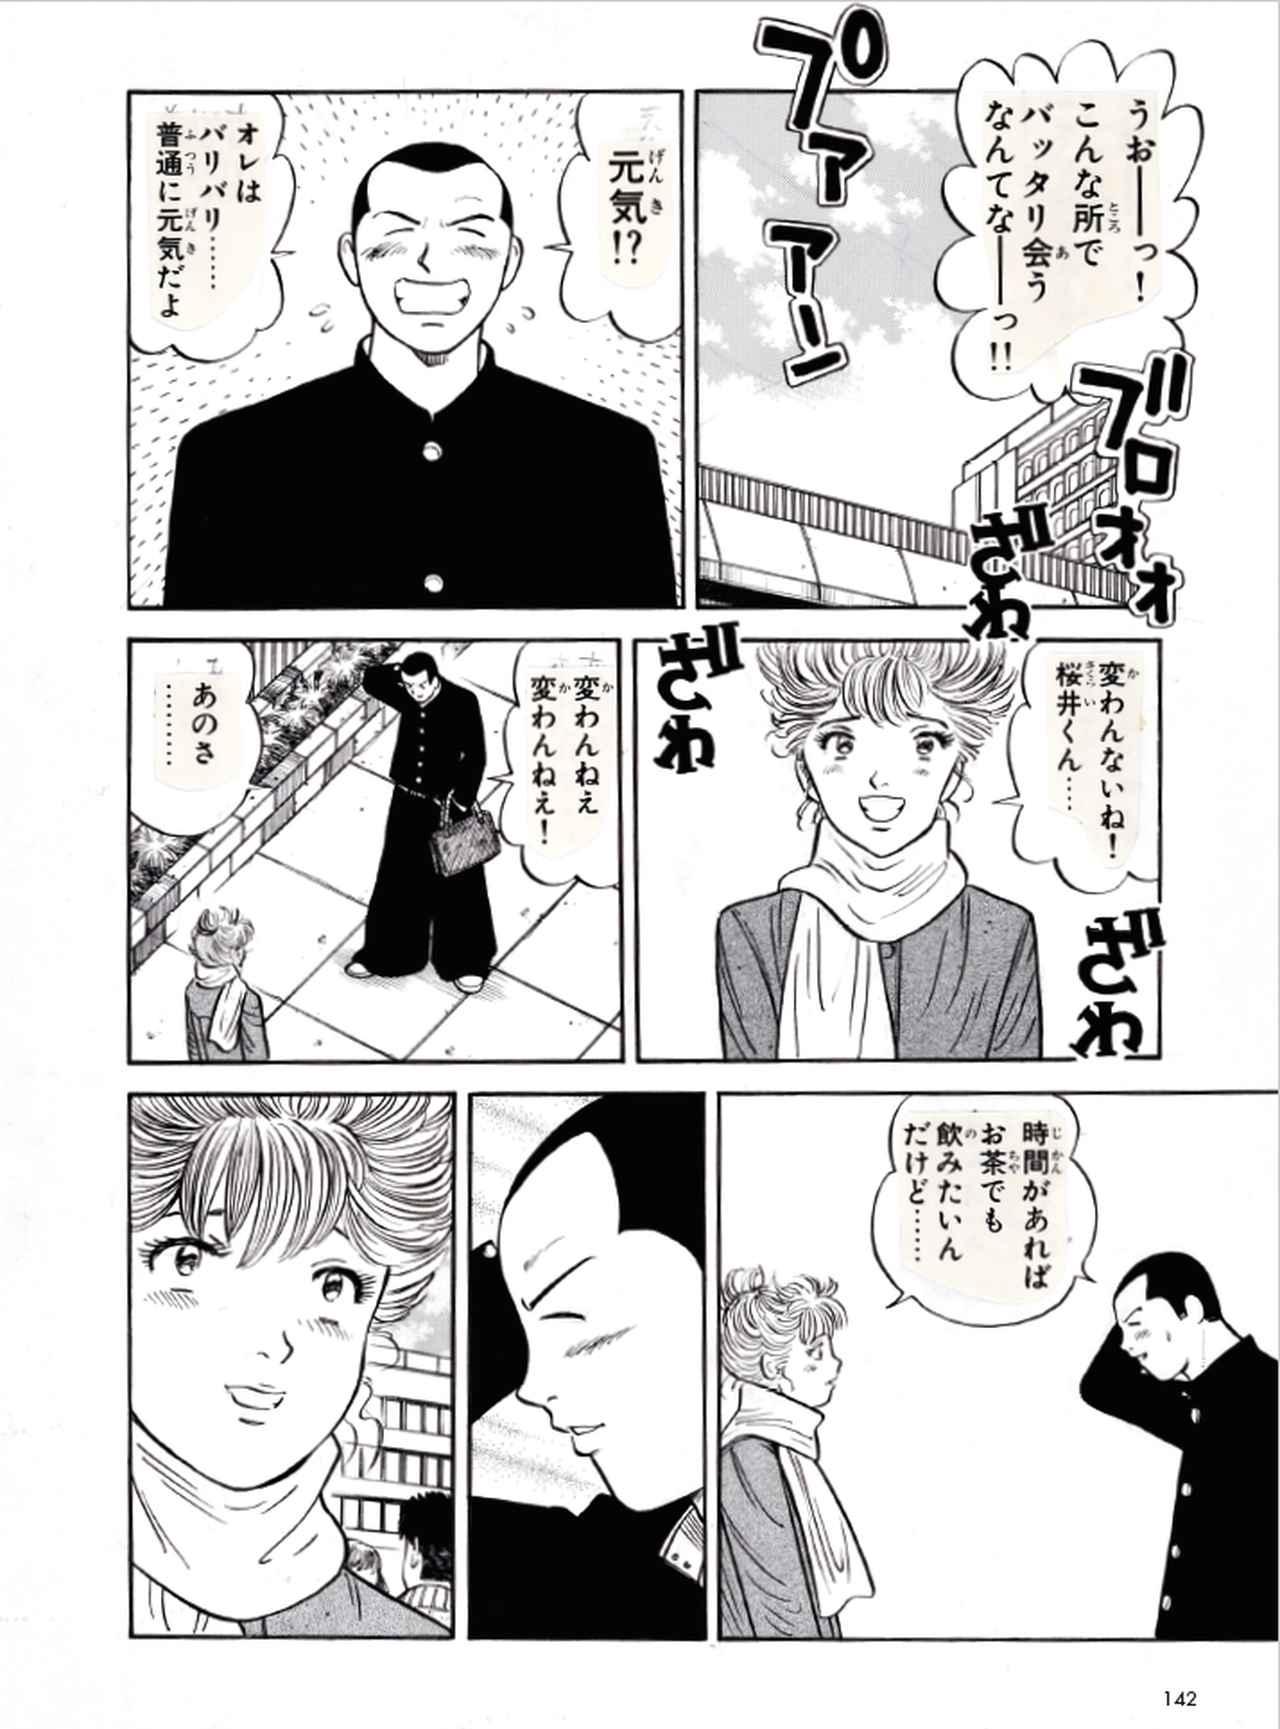 画像11: (湘南爆走族©吉田聡©モーターマガジン社) www.motormagazine.co.jp